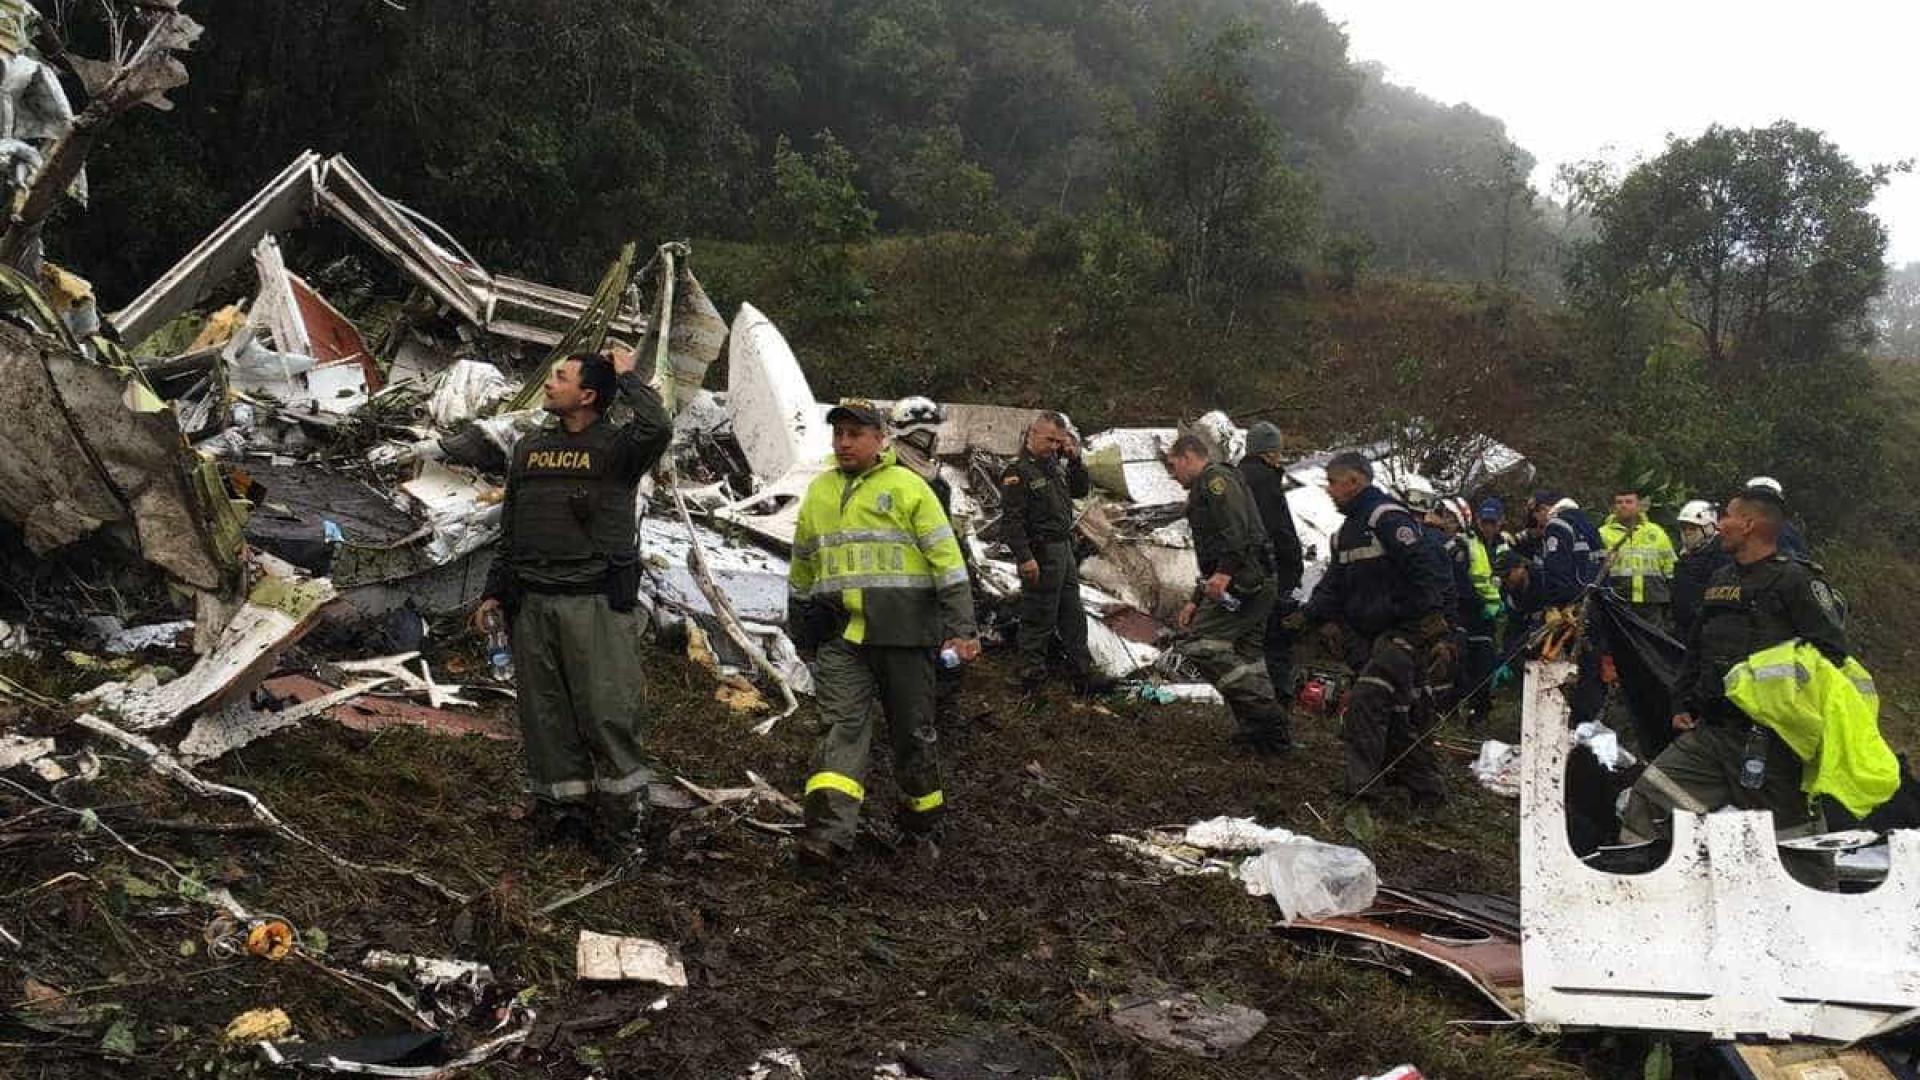 Colômbia: Pelo menos 22 jornalistas brasileiros viajavam no avião